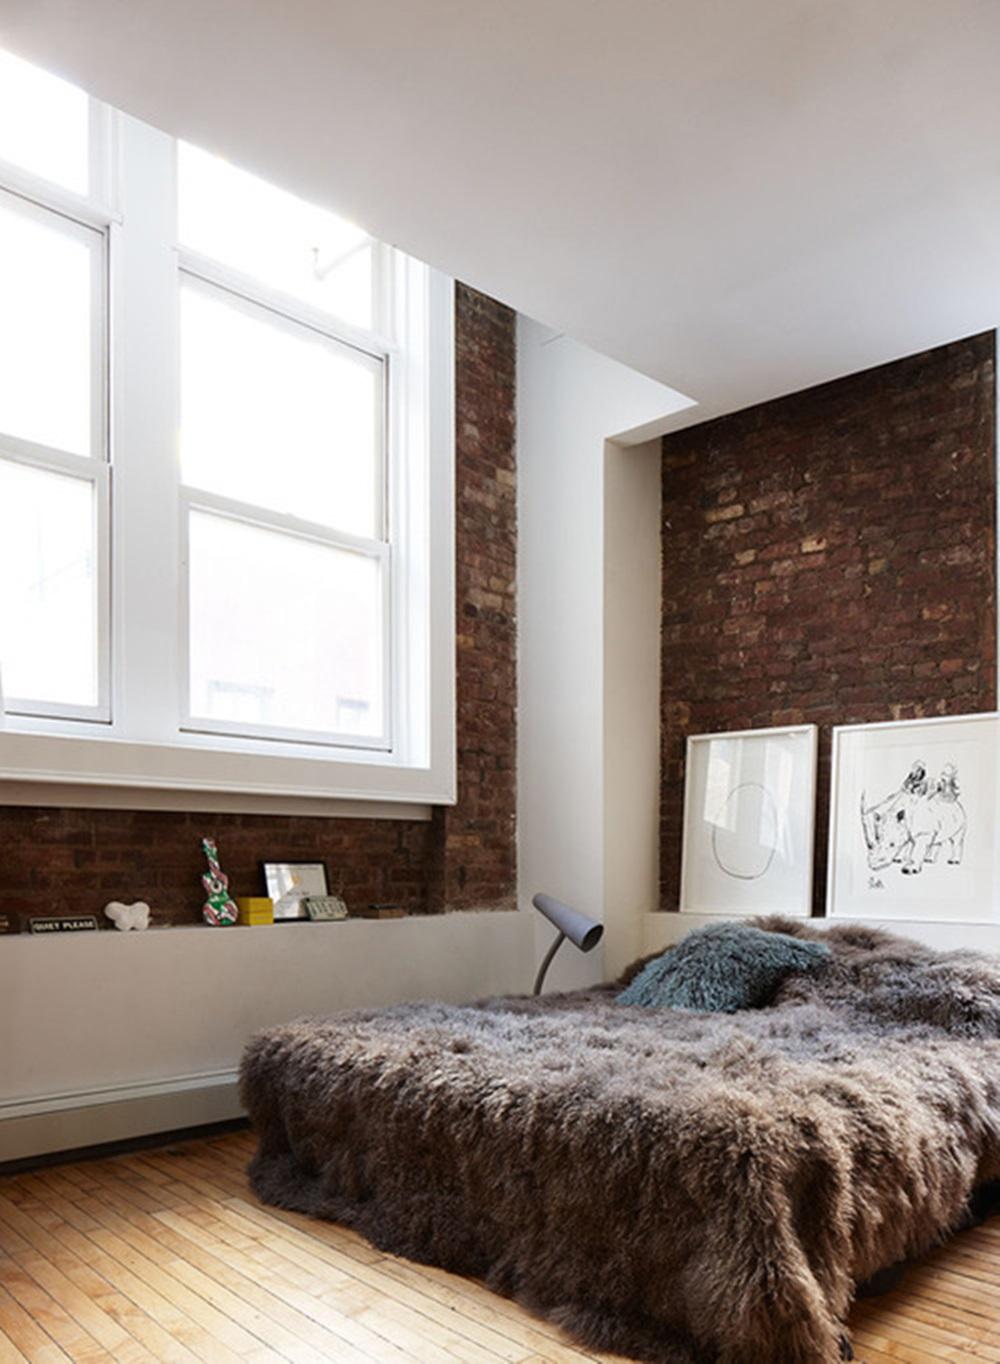 Mur en briques rouges dans une chambre